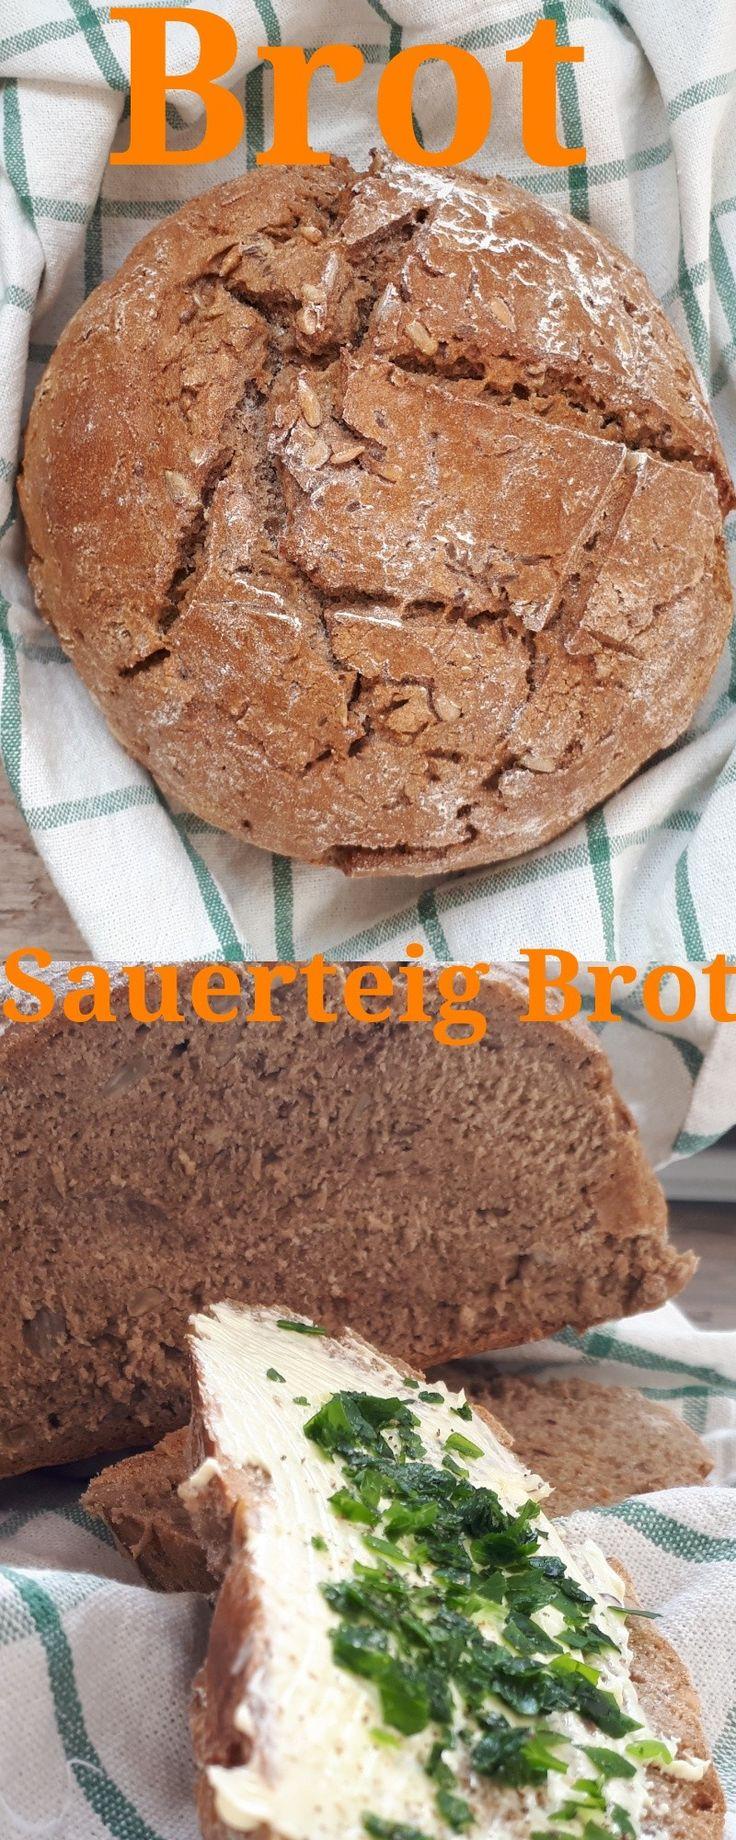 """Frisches Brot, Sauerteig 450 grRoggenmehl  150 gr Dinkelmehl  100 gr Bio Sauerteig, getrocknet  20 gr Hefe  500 ml Wasser, lauwarm  2 TL Salz  1 TL Schabzigerklee, gemahlen (""""Brotklee"""")"""